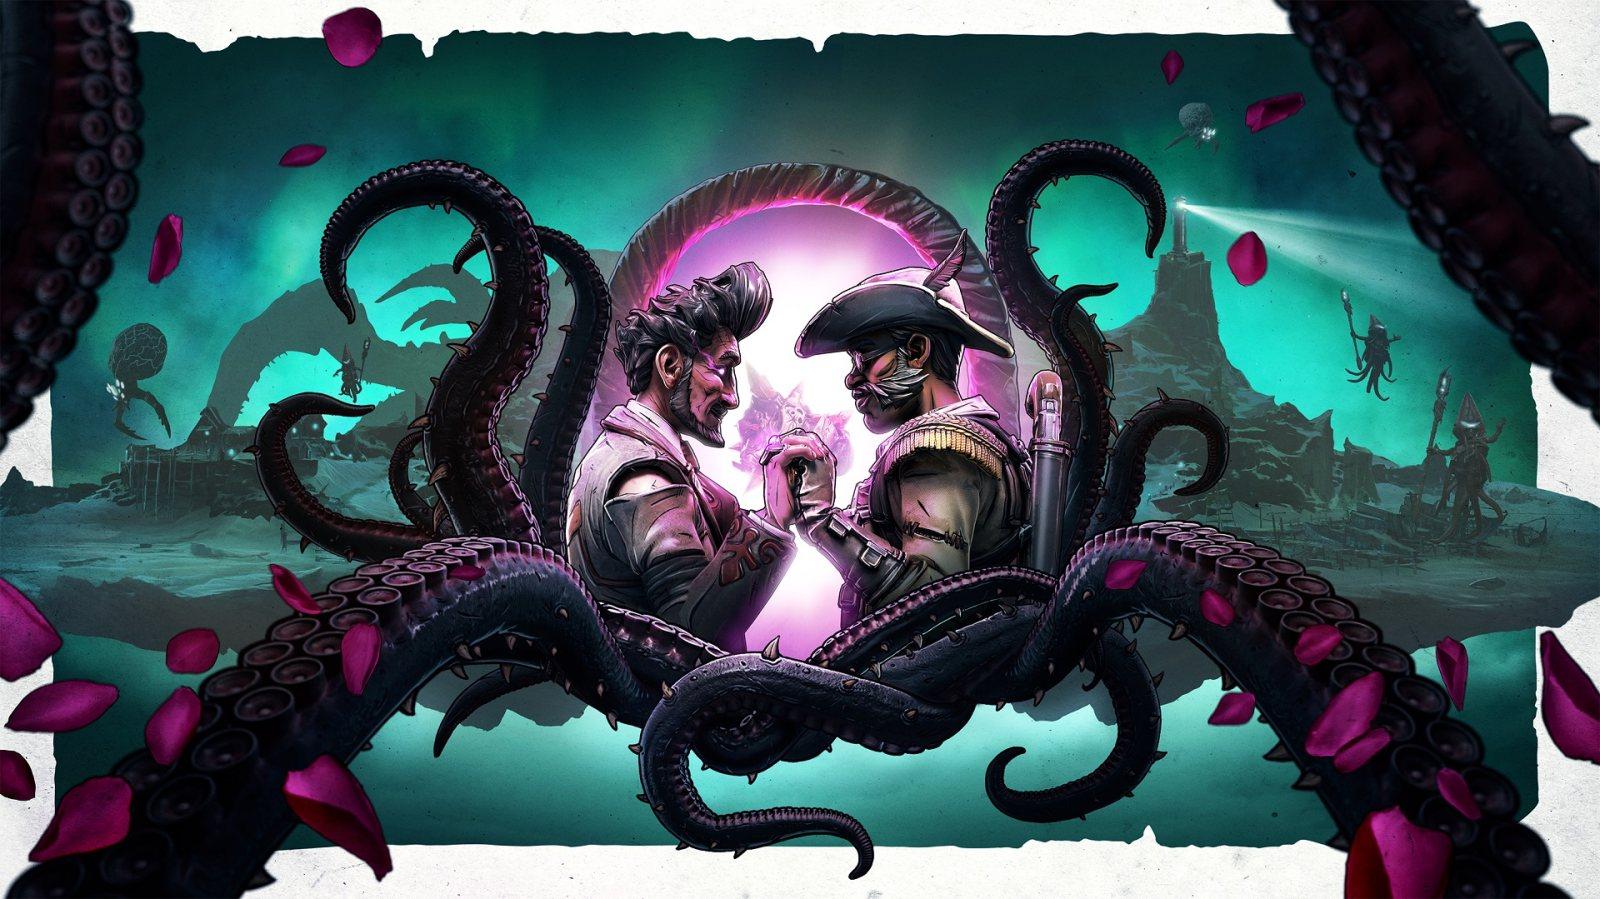 枪炮、爱情与触手,《无主之地3》公布全新DLC